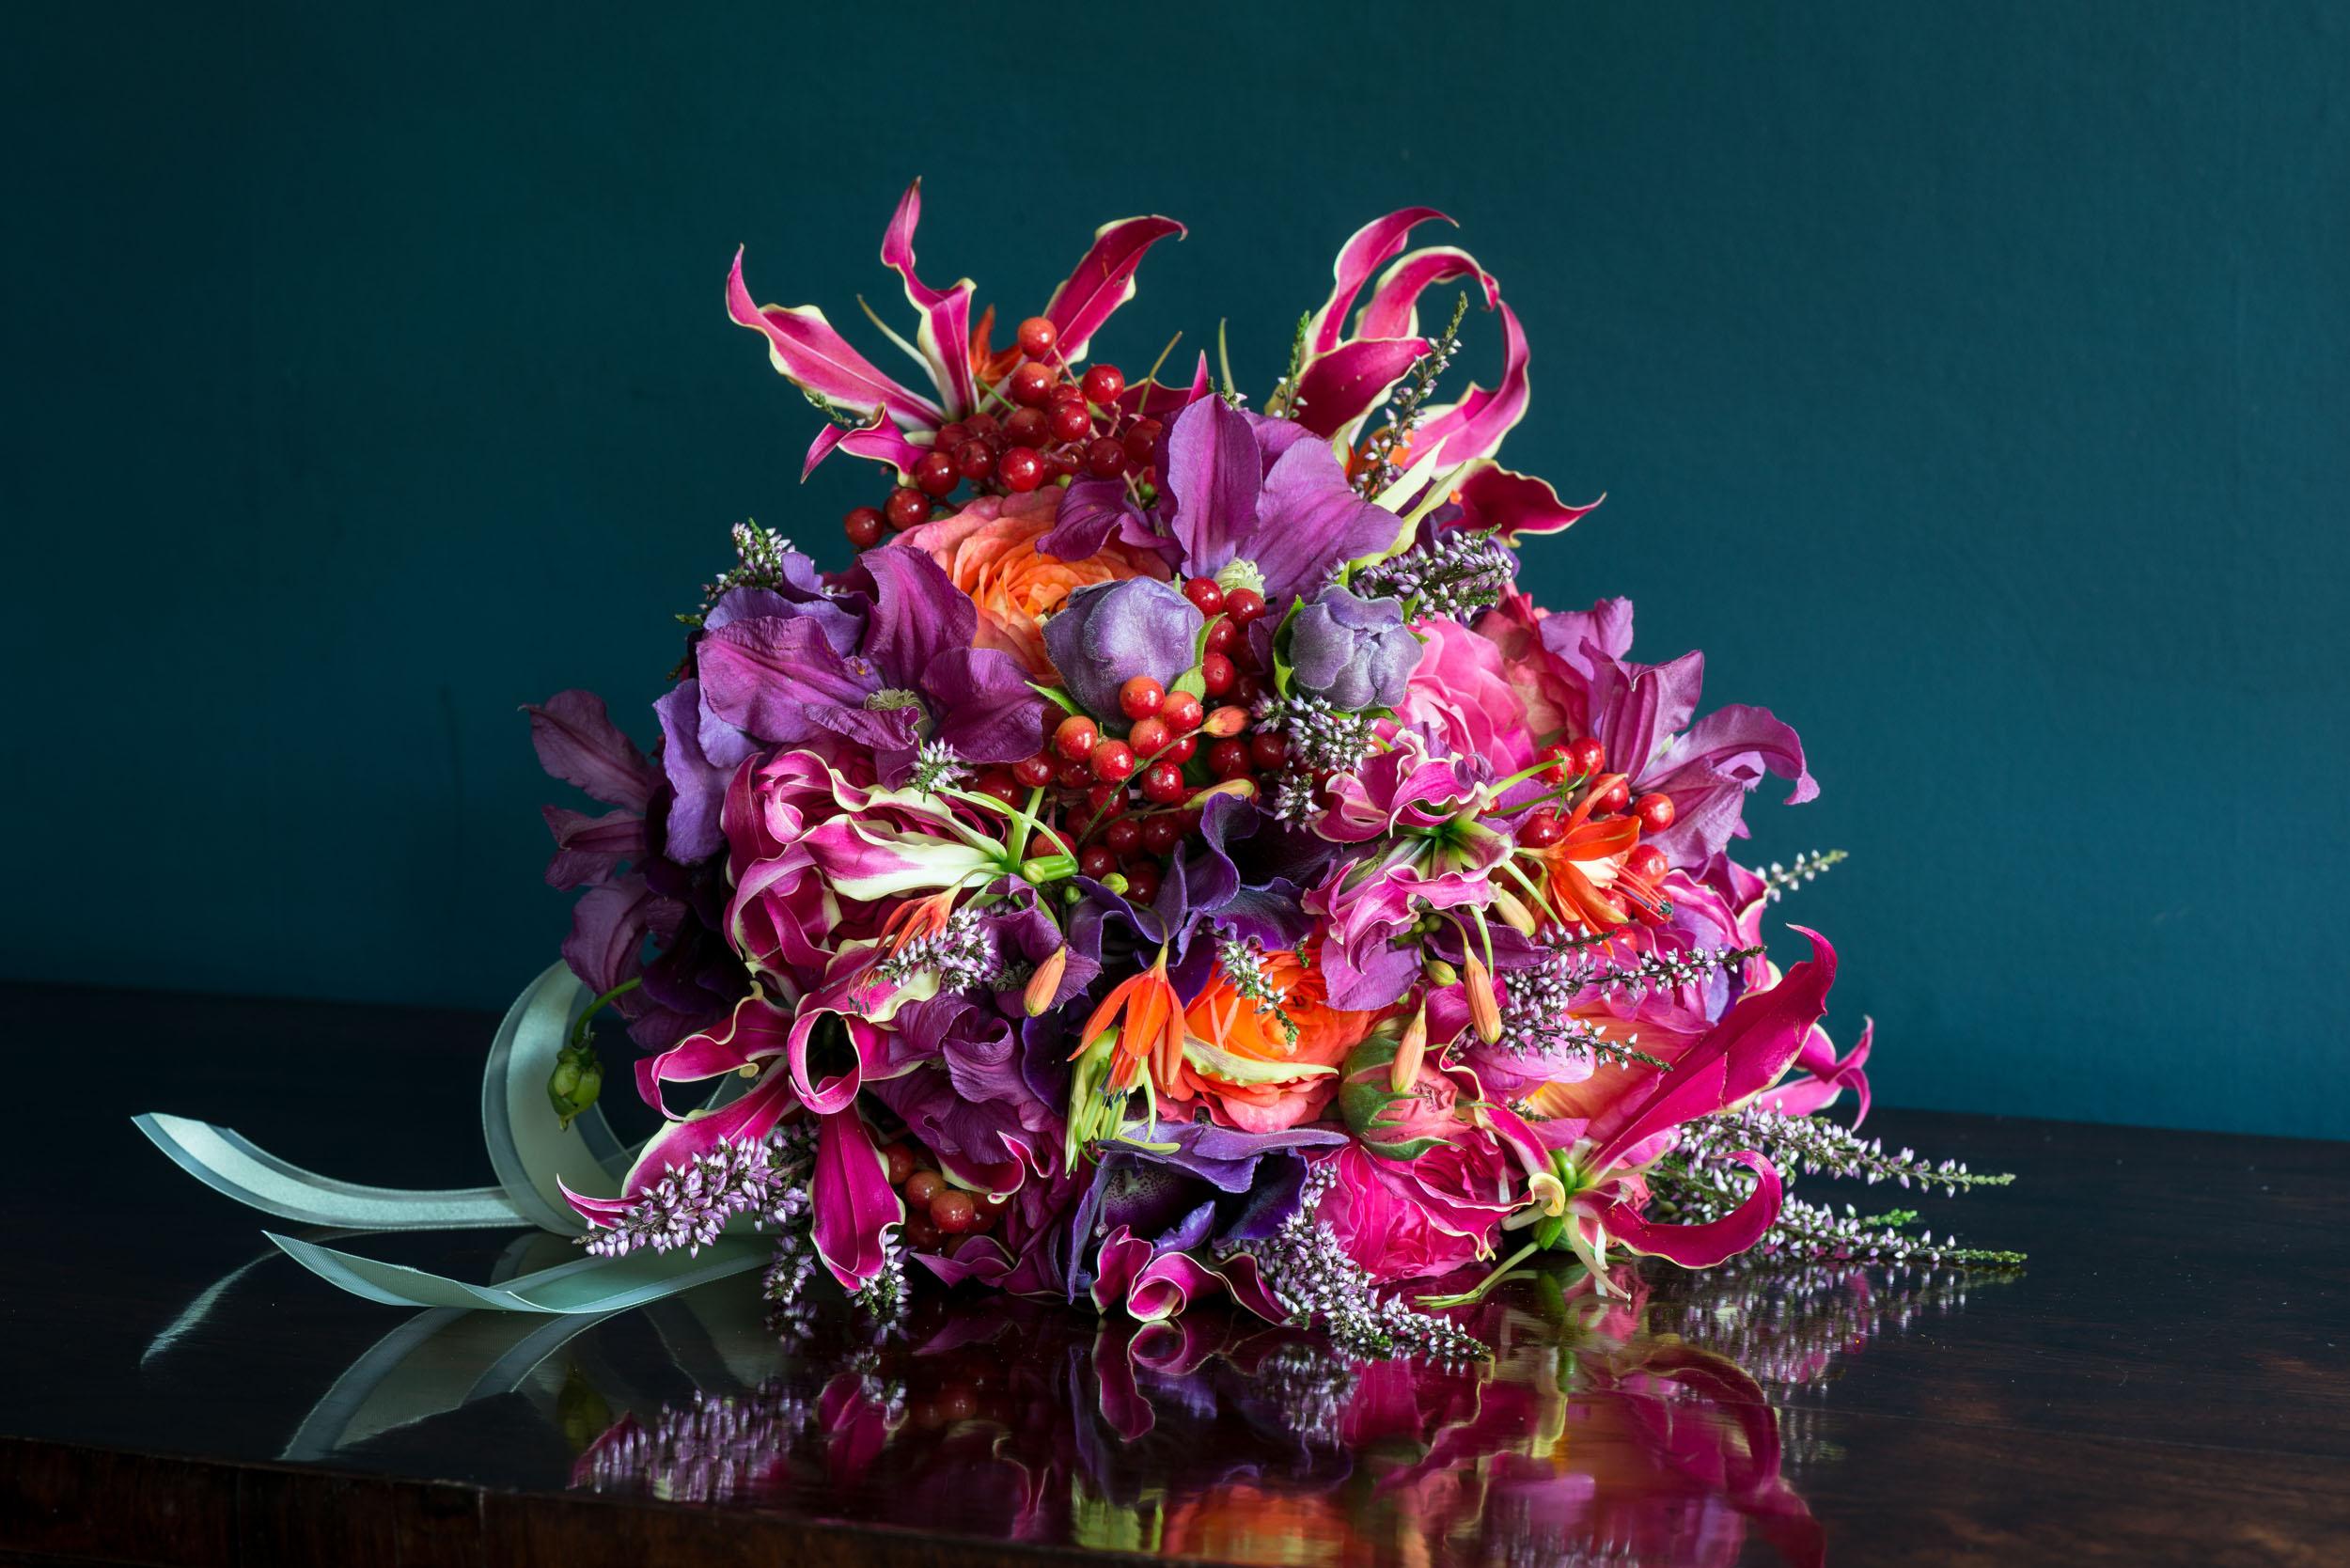 DSC_1544_Lillies_Bouquet.jpg